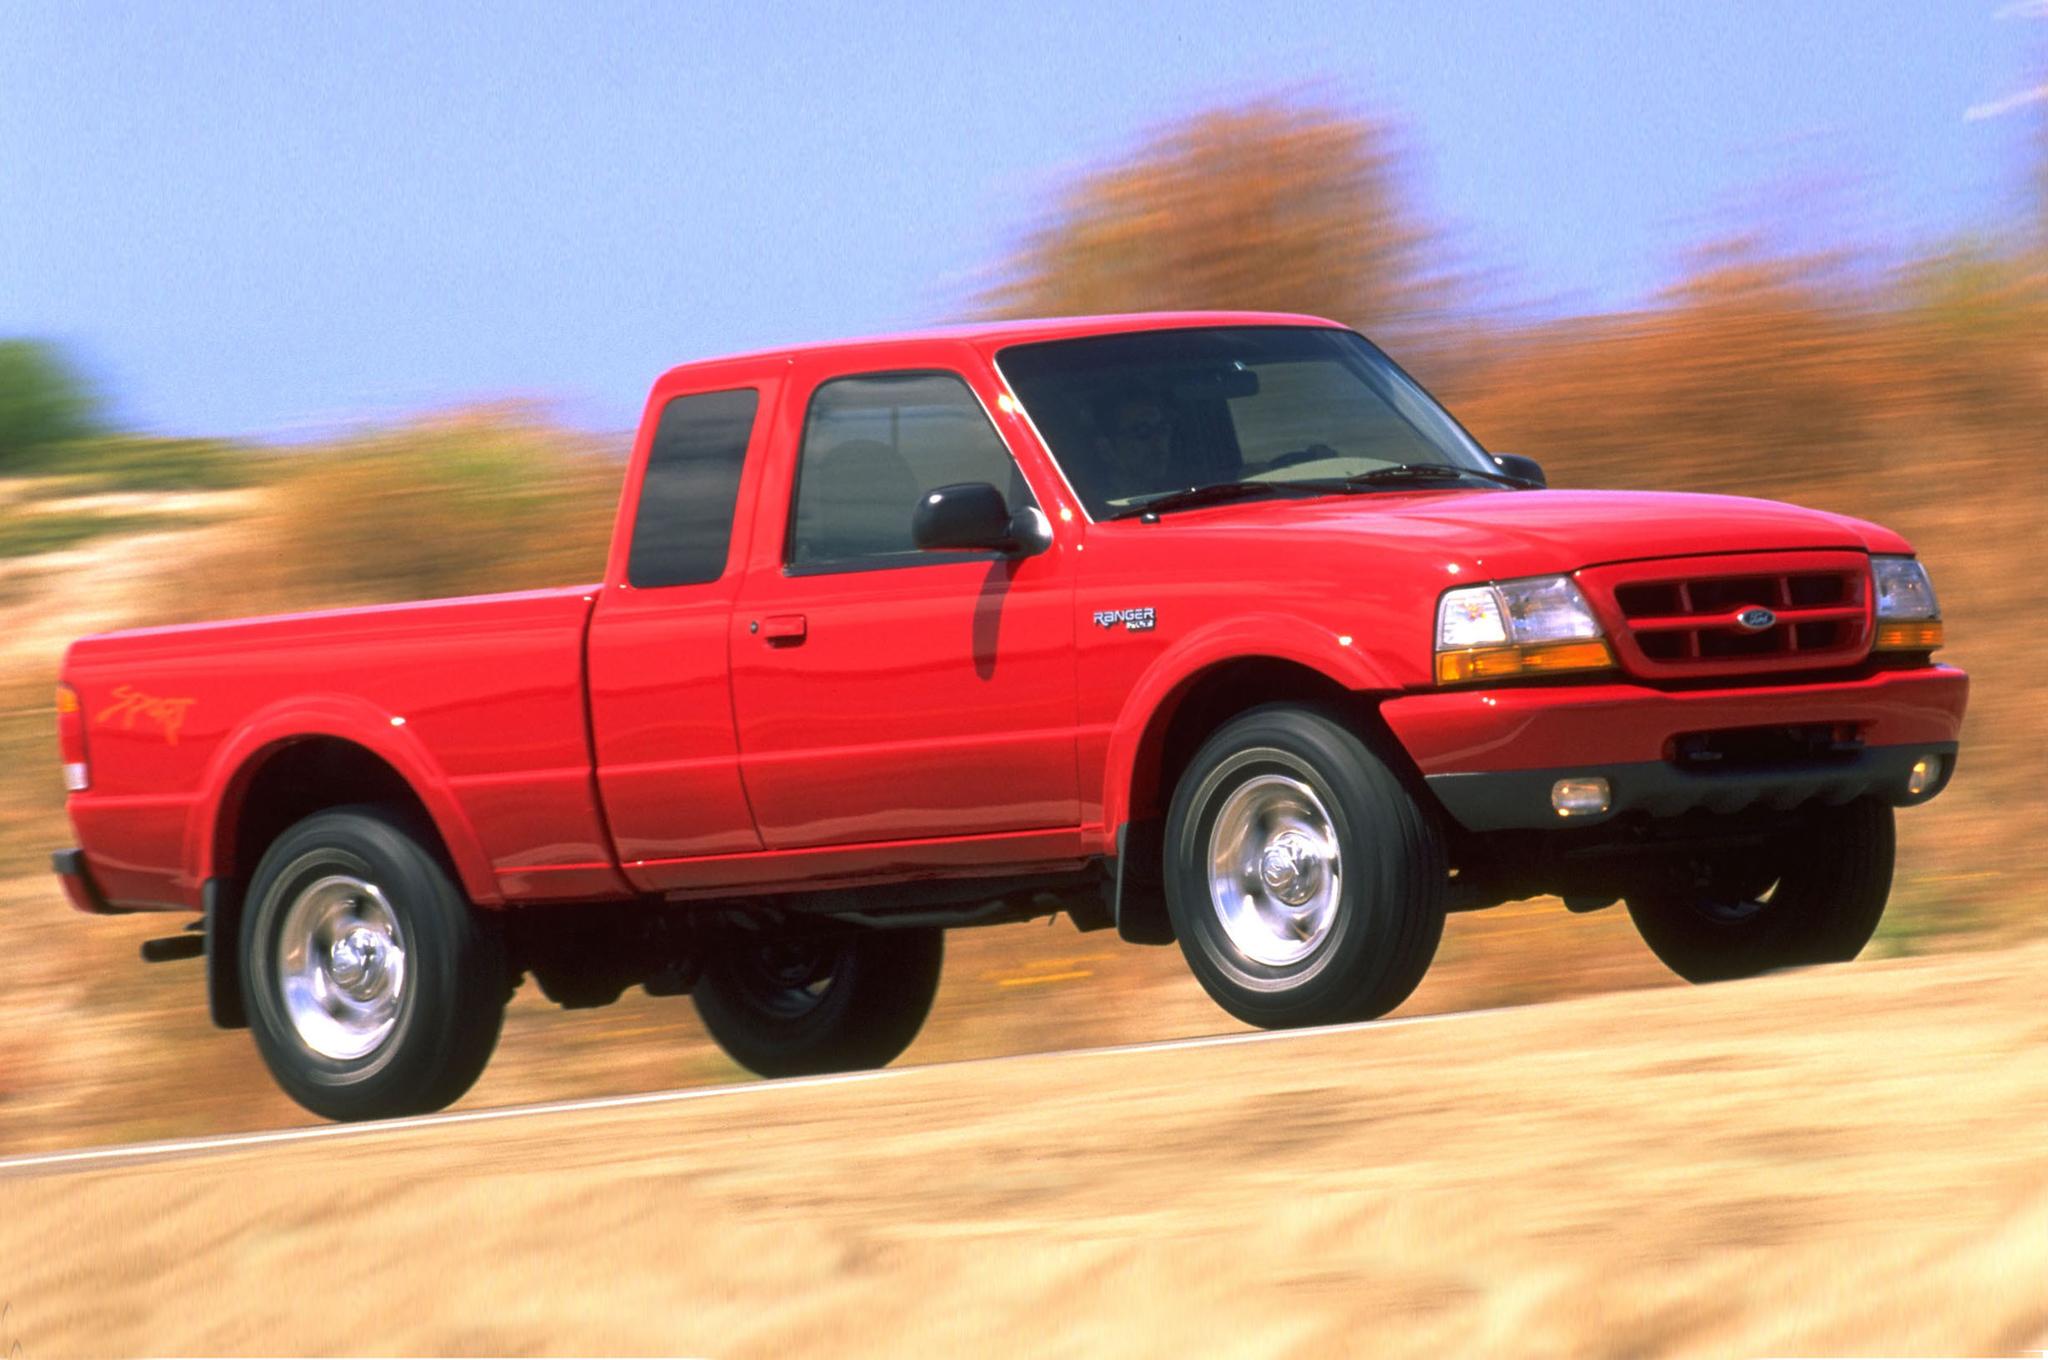 1999 ford ranger image 4